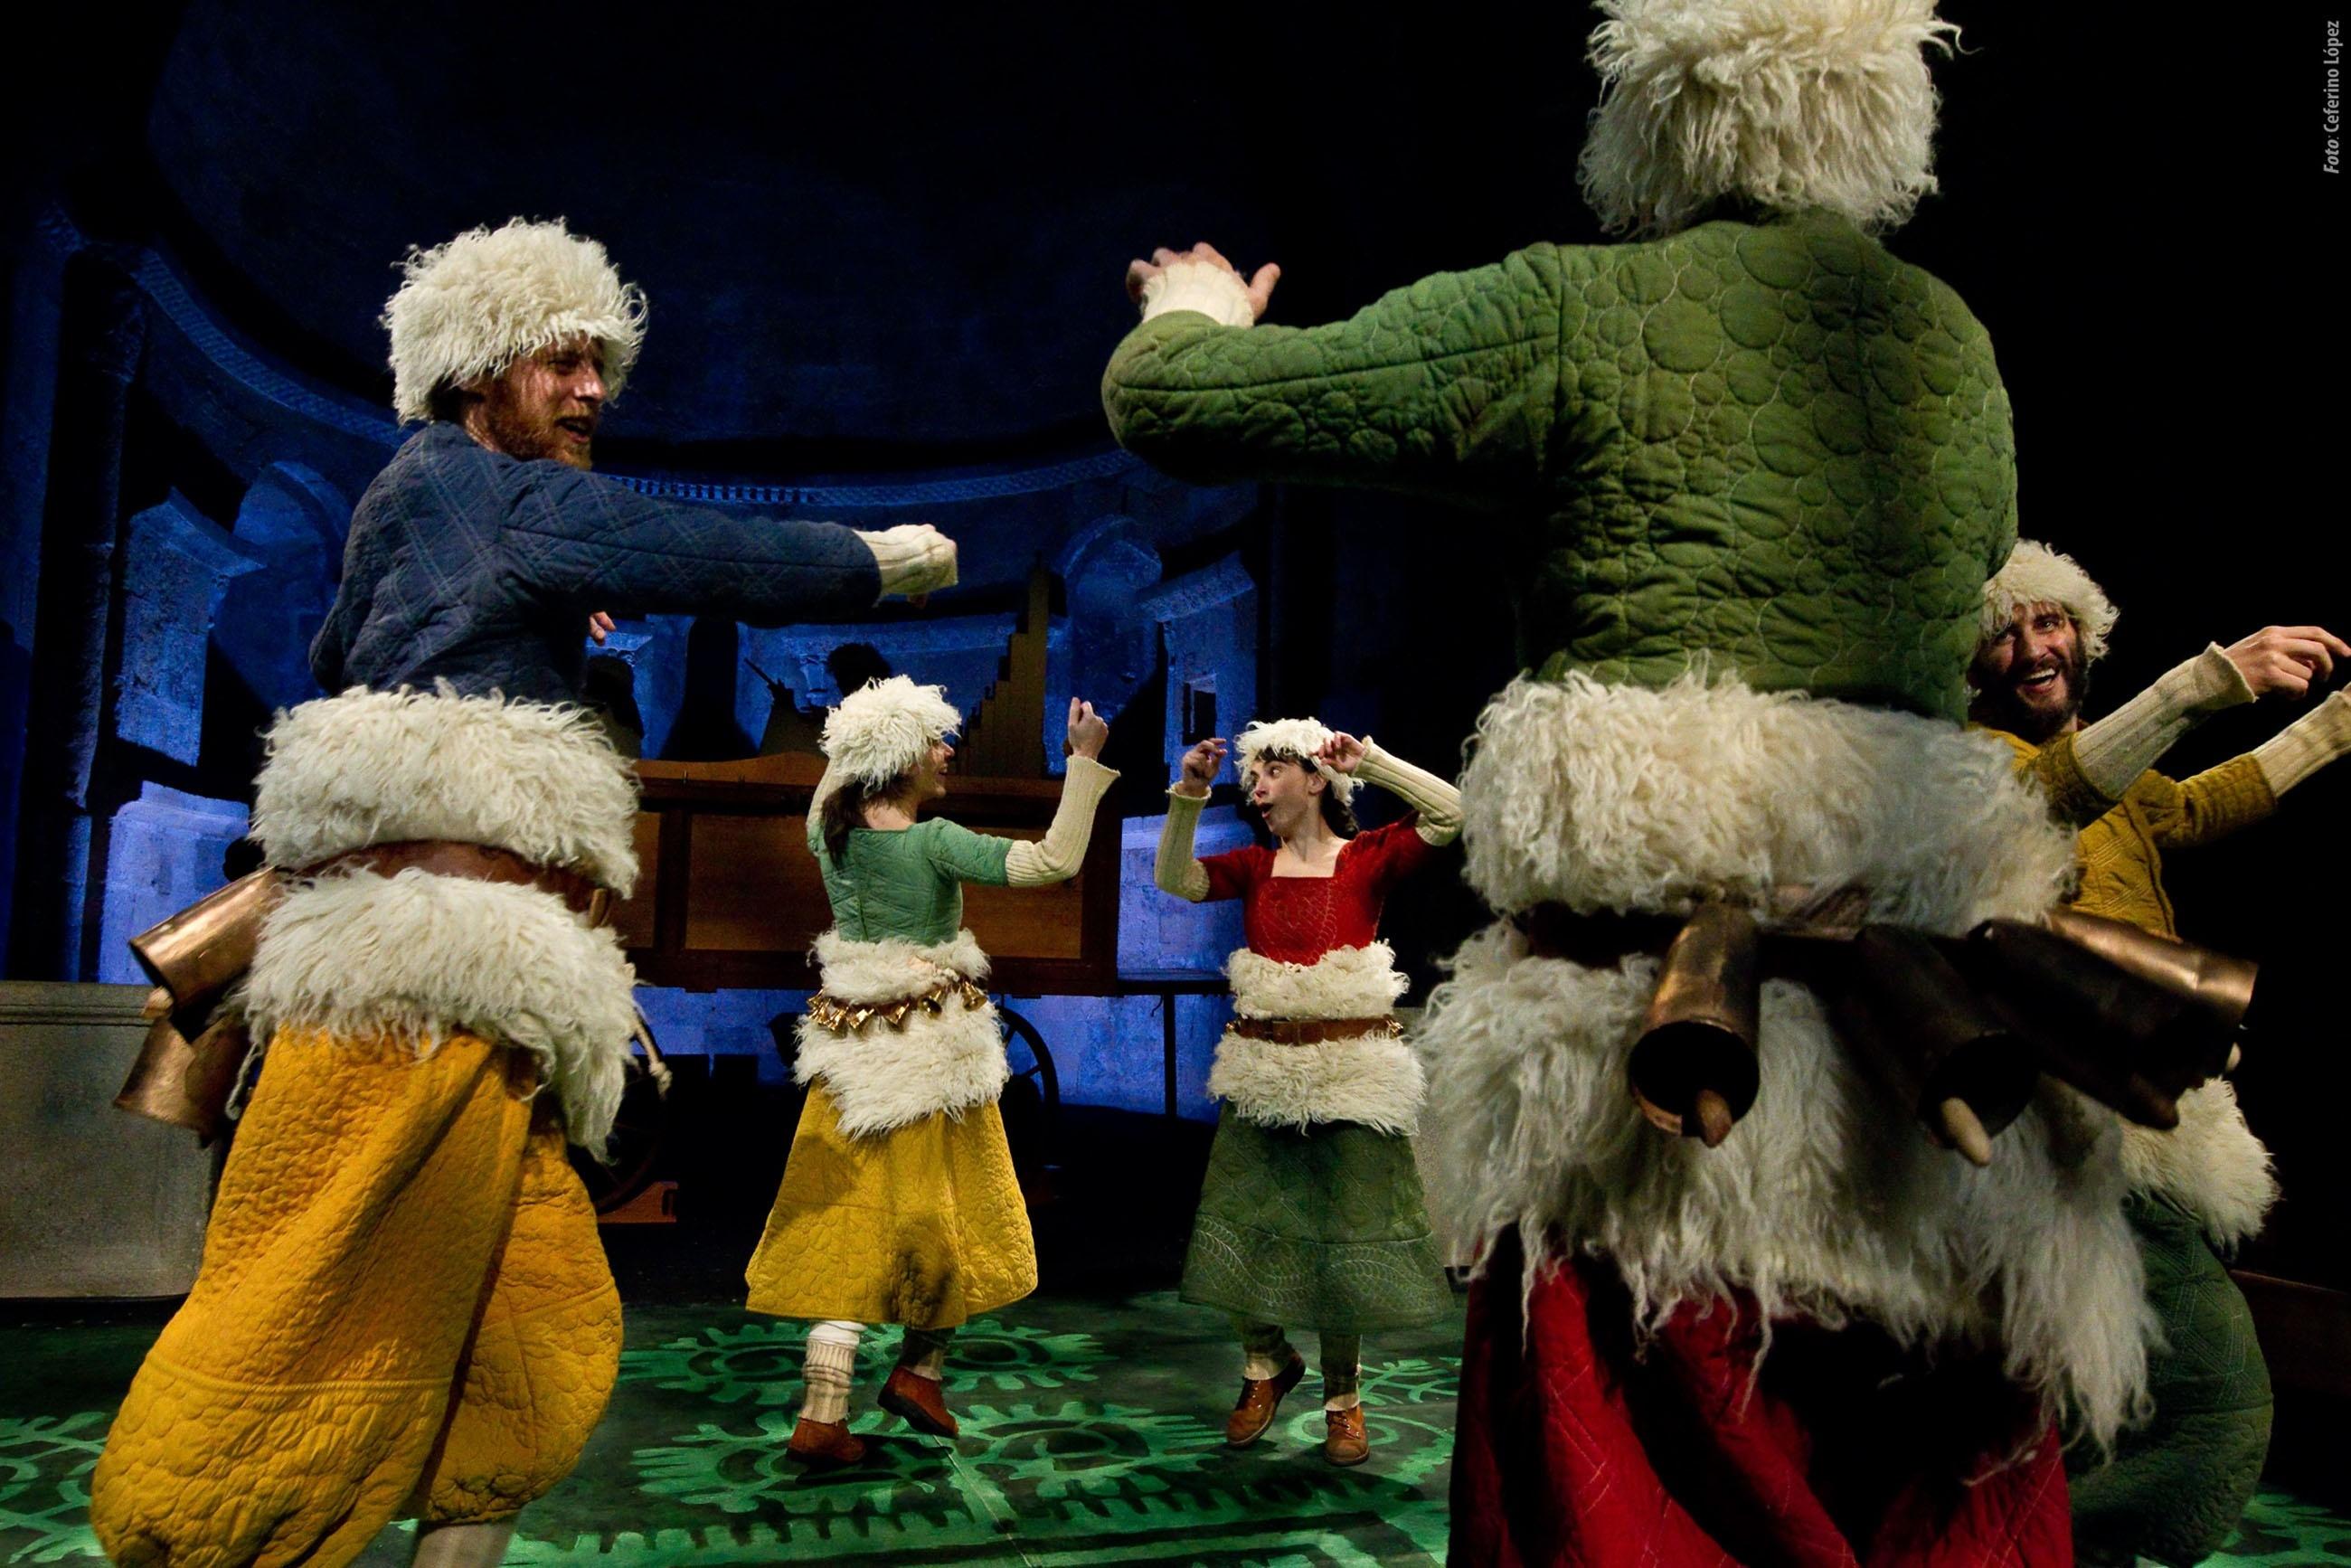 Amor, alegría, música y verso, este viernes en el Bretón con el teatro renacentista de »Farsas y églogas»